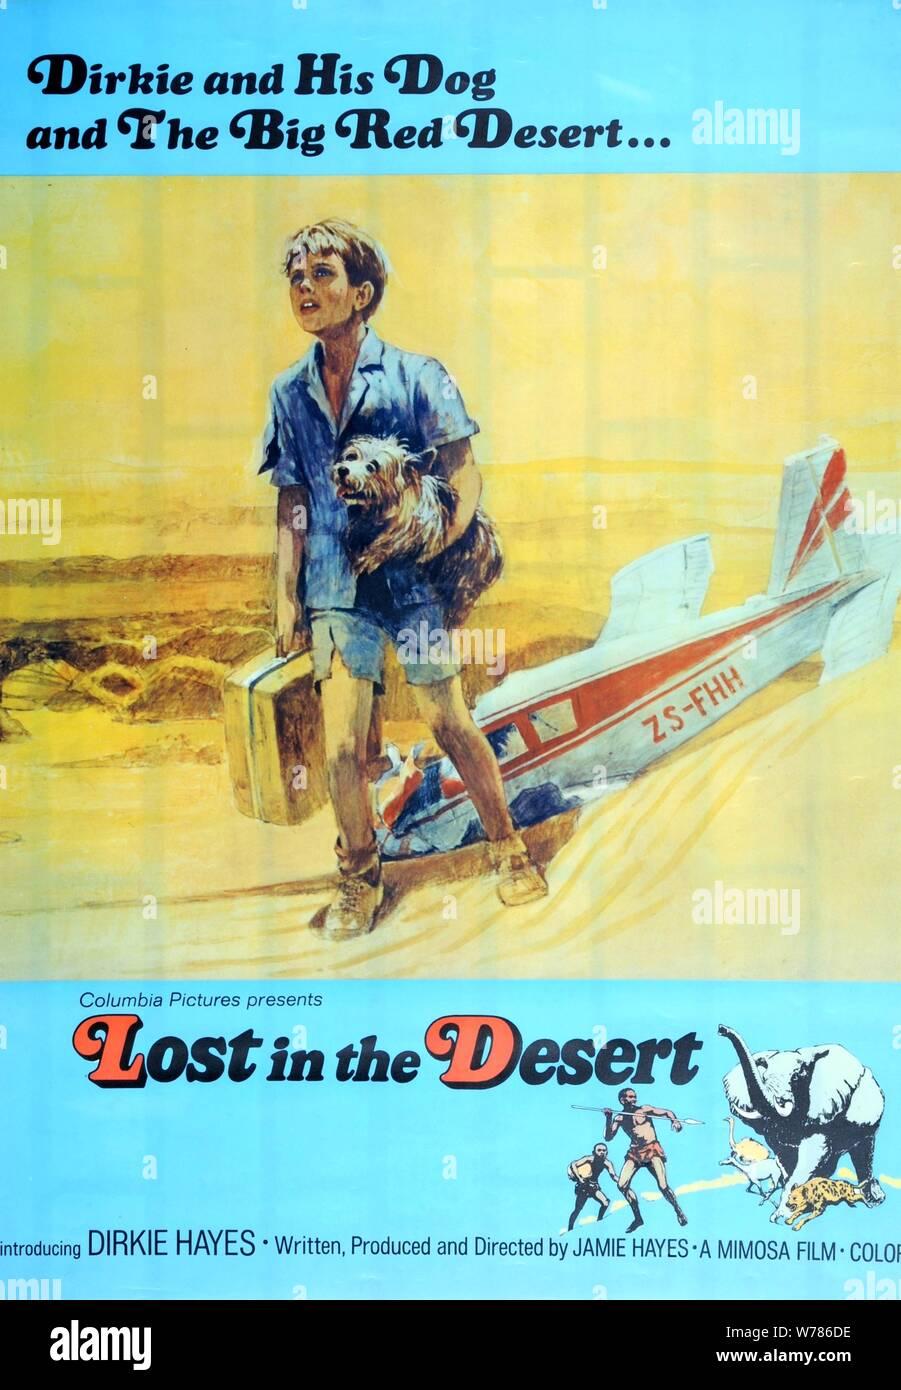 Póster De Película Perdido En El Desierto 1969 Fotografía De Stock Alamy